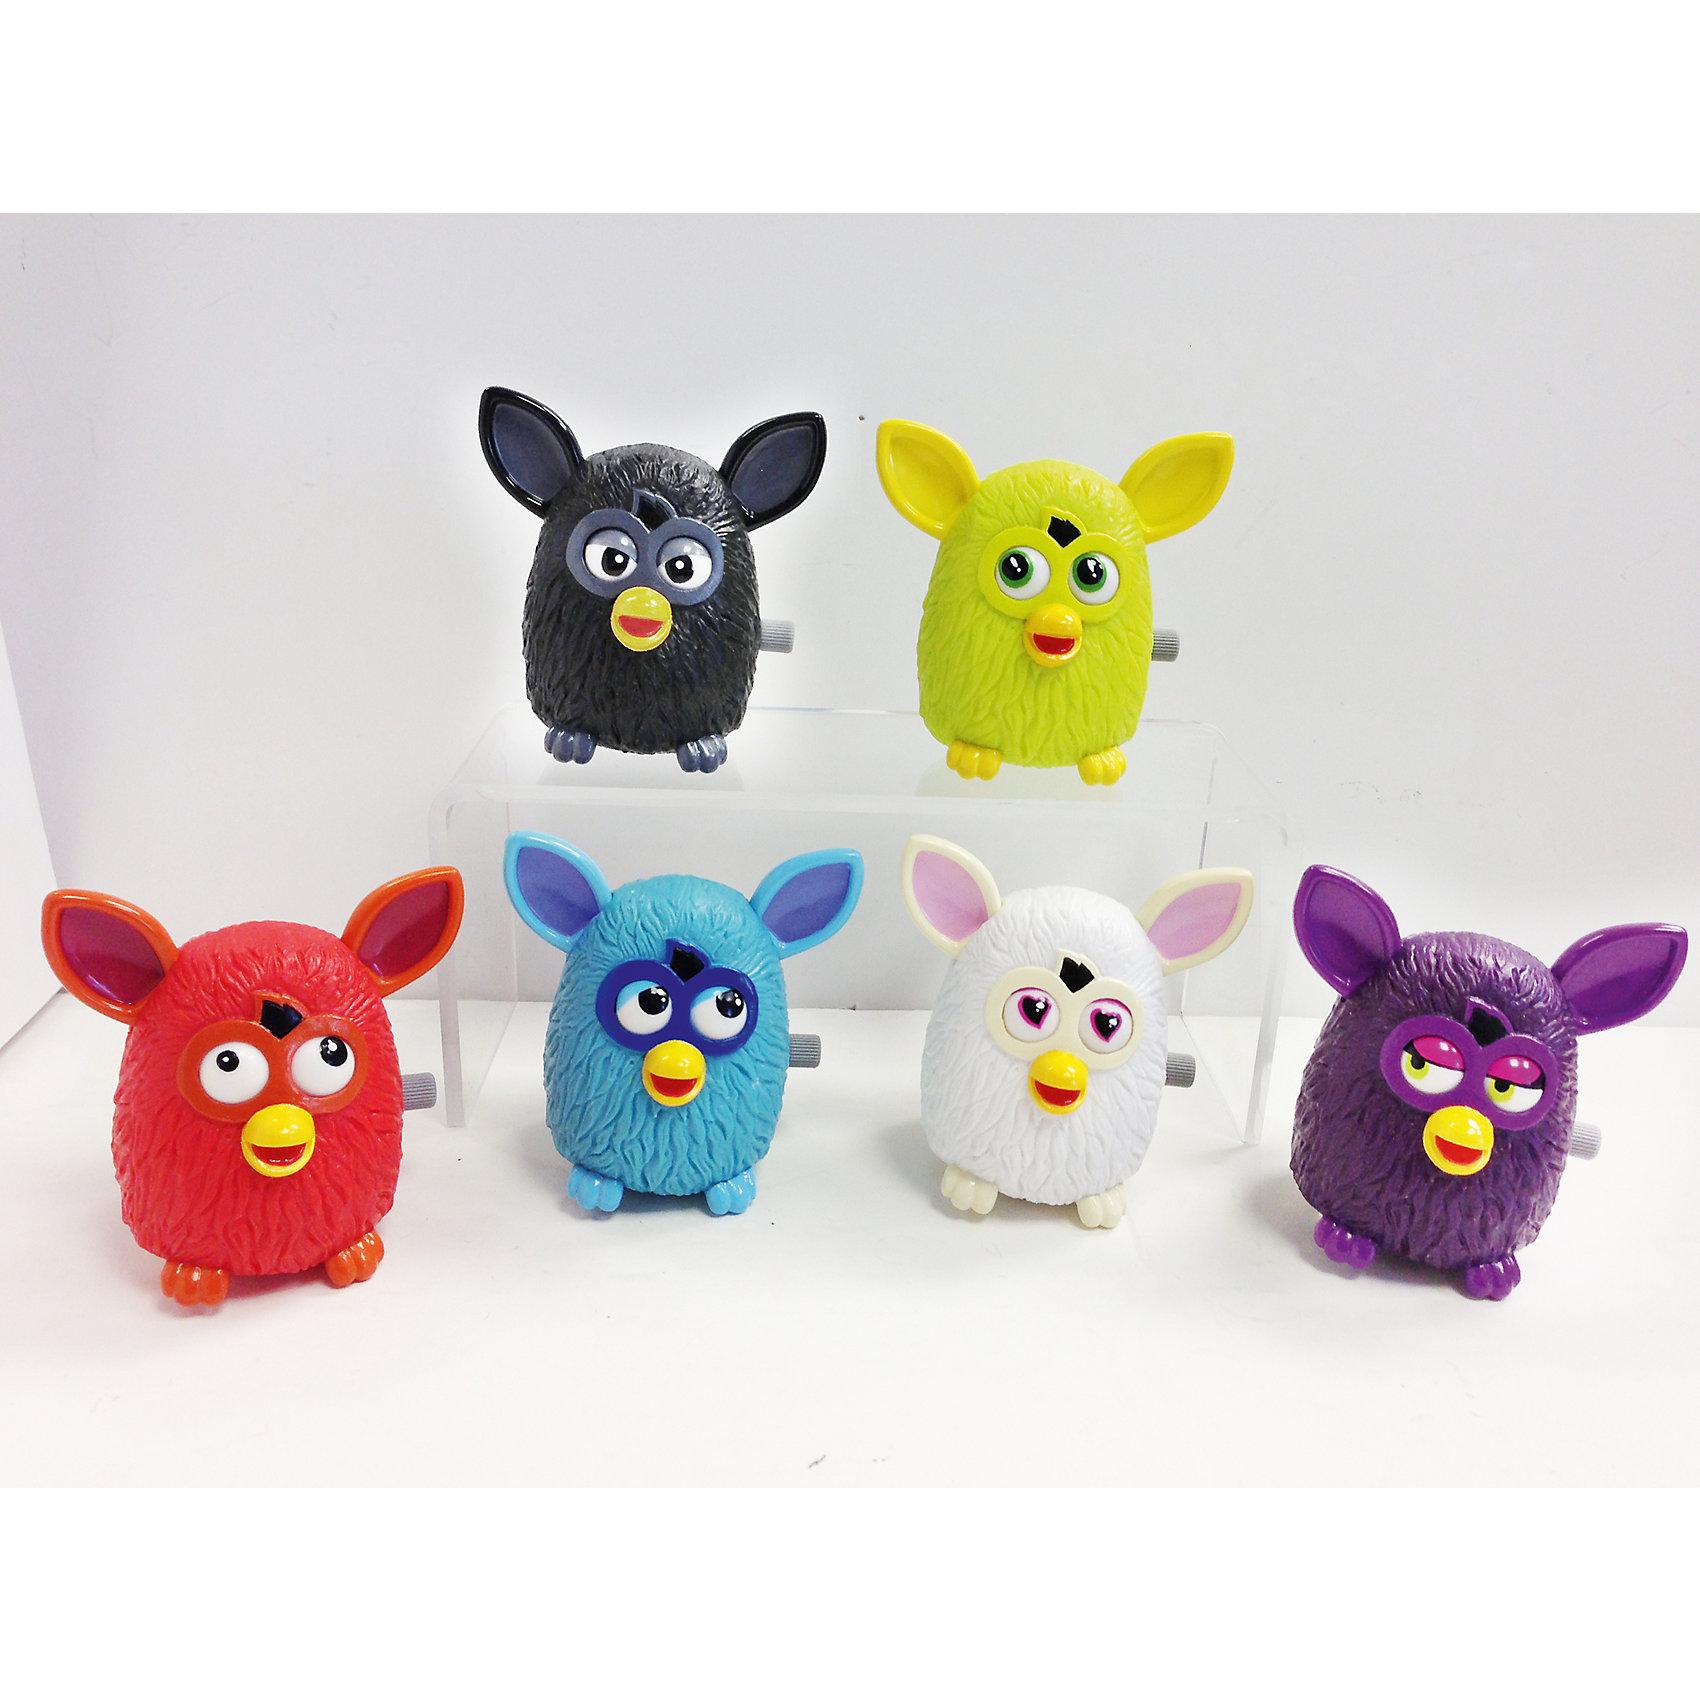 Фигурка Ферби, FurbyФигурка Ферби, в ассортименте, Furby – этот маленький Ферби непременно приведет в восторг вашего ребенка!<br>Фигурка Ферби - интерактивная заводная игрушка в образе героев мобильной игры Furby BOOM. Яркая игрушка Furby имеет небольшой размер, благодаря чему ее можно будет взять с собой в гости, на прогулку или в путешествие. Такая игрушка стимулирует ребенка к действиям, и учит устанавливать причинно-следственные связи поведения игрушки. Изготовлена игрушка из качественного прочного материала. Она может стать отличным подарком для вашего ребенка.<br><br>Дополнительная информация:<br><br>- В комплекте: 1 фигурка<br>- В ассортименте 6 моделей<br>- Материал: пластик<br>- Размер упаковки: 8x4,5x9 см.<br>- Вес: 30 гр.<br>- ВНИМАНИЕ! Данный артикул представлен в разных вариантах исполнения. К сожалению, заранее выбрать определенный вариант невозможно. При заказе нескольких наборов возможно получение одинаковых<br><br>Фигурку Ферби, в ассортименте, Furby можно купить в нашем интернет-магазине.<br><br>Ширина мм: 80<br>Глубина мм: 45<br>Высота мм: 90<br>Вес г: 30<br>Возраст от месяцев: 36<br>Возраст до месяцев: 96<br>Пол: Унисекс<br>Возраст: Детский<br>SKU: 4236999